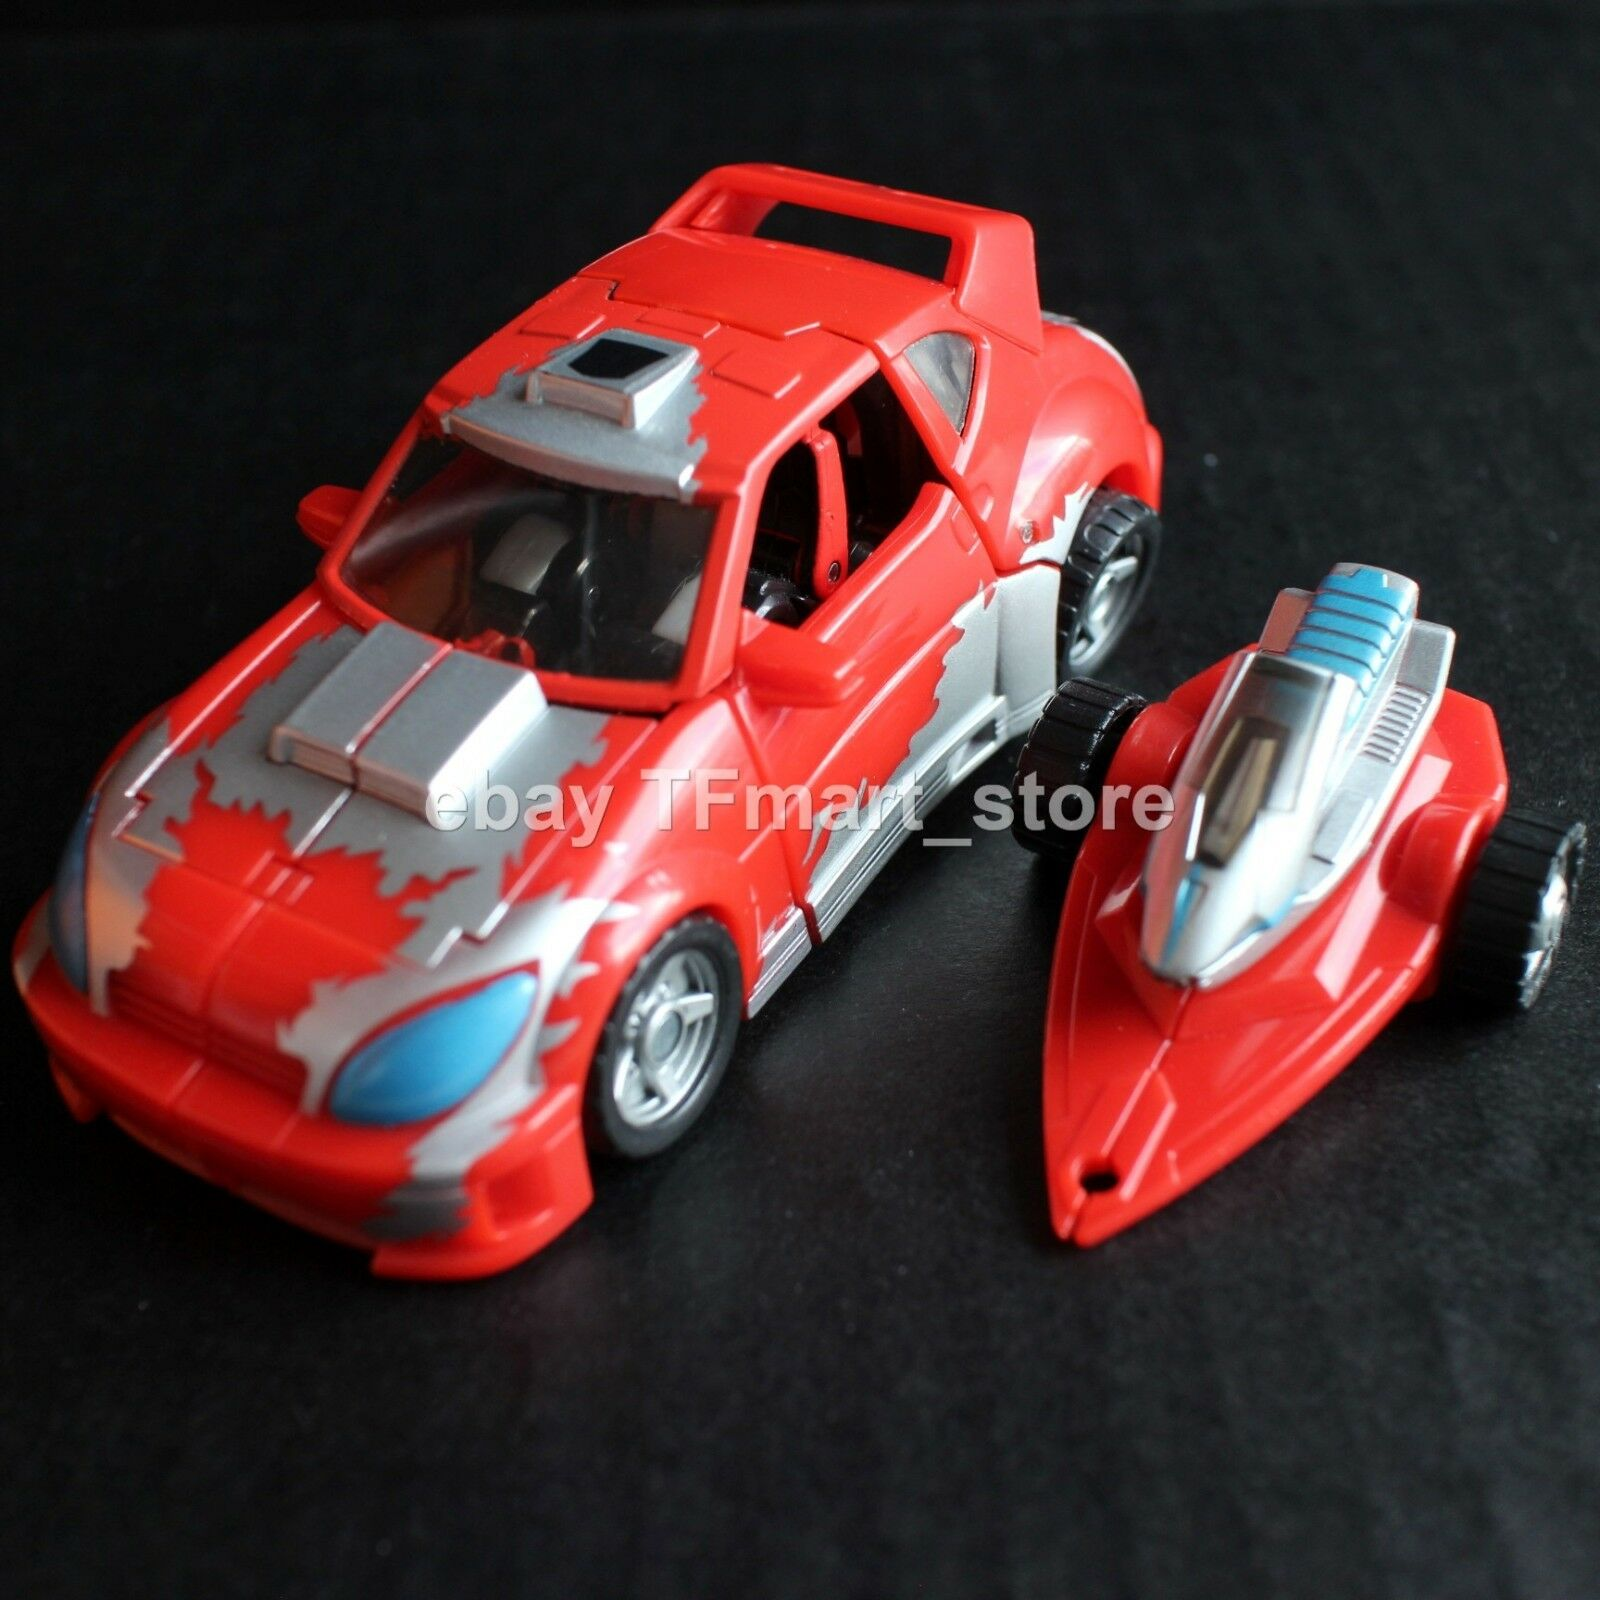 Transformers Clásicos Clase de Lujo Cliffjumper By Hasbro Generations